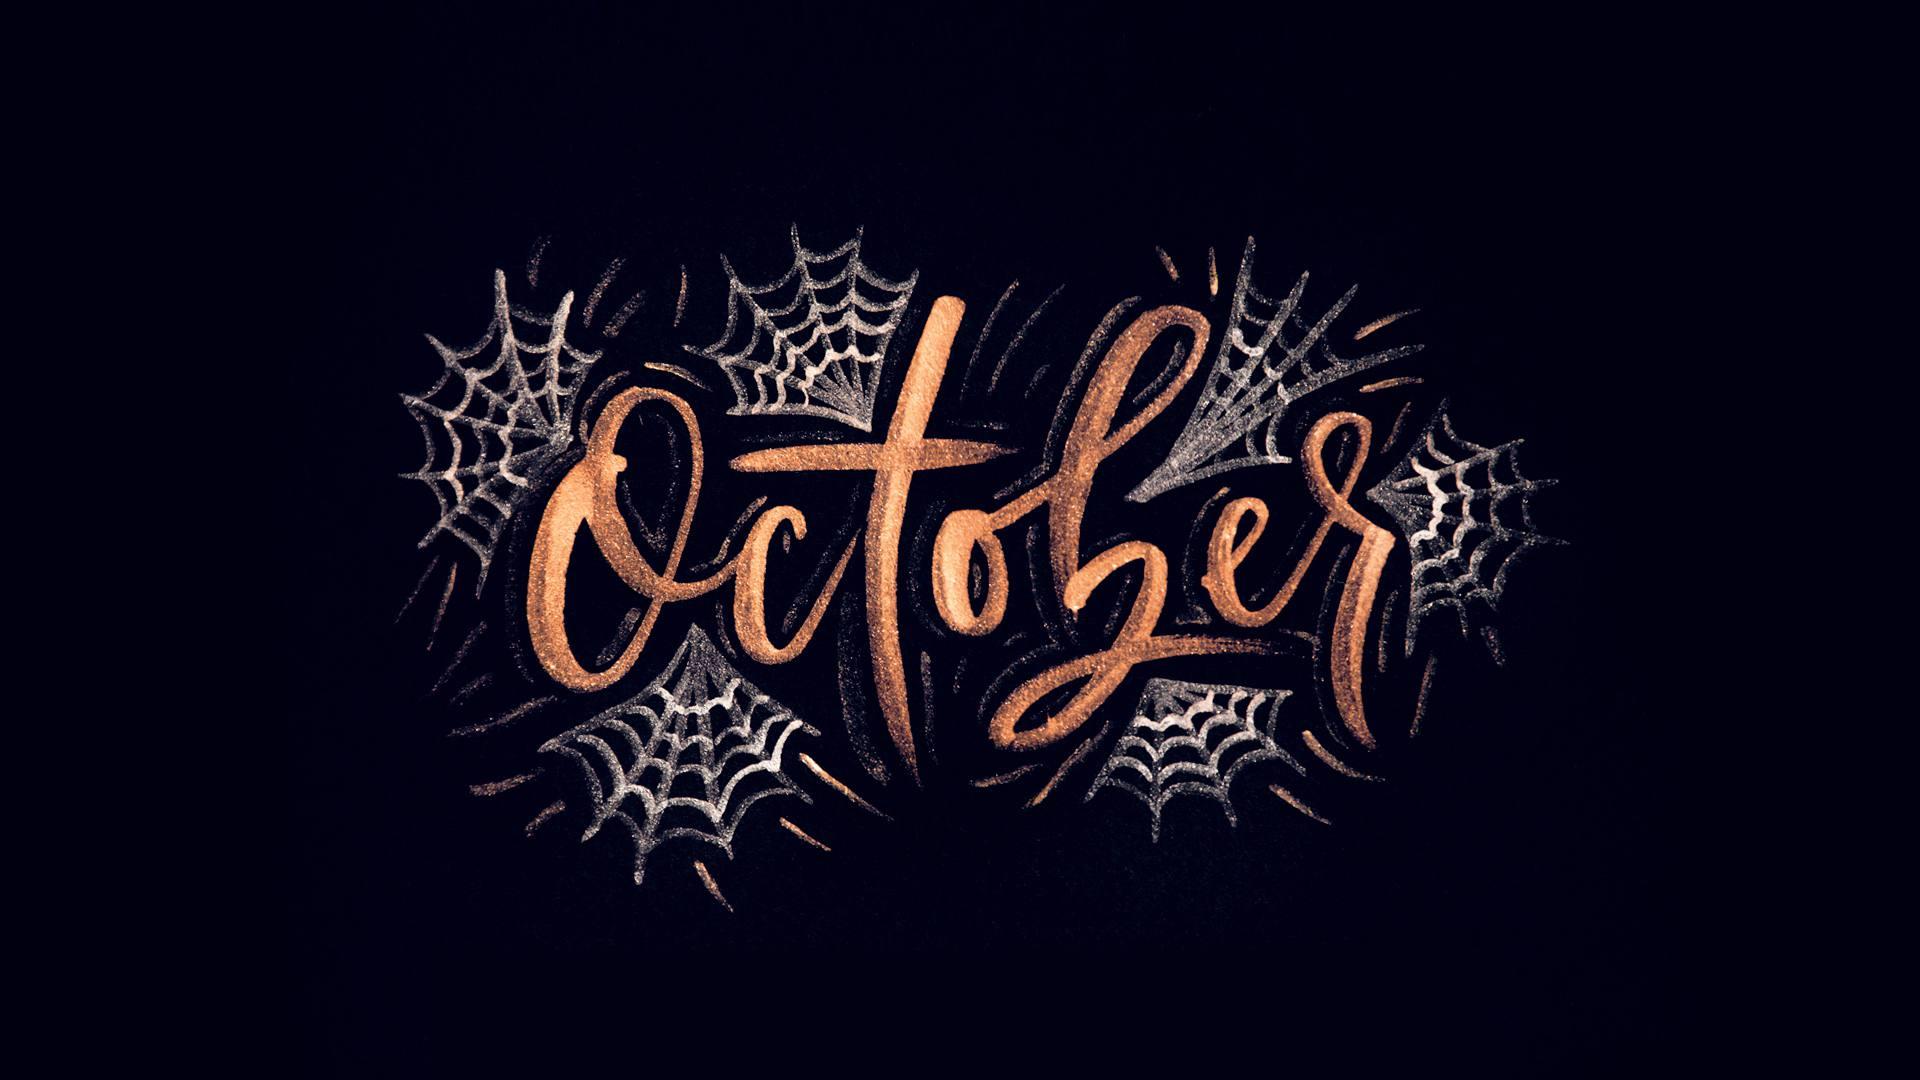 Desktop Aesthetic Halloween Wallpapers , Top Free Desktop